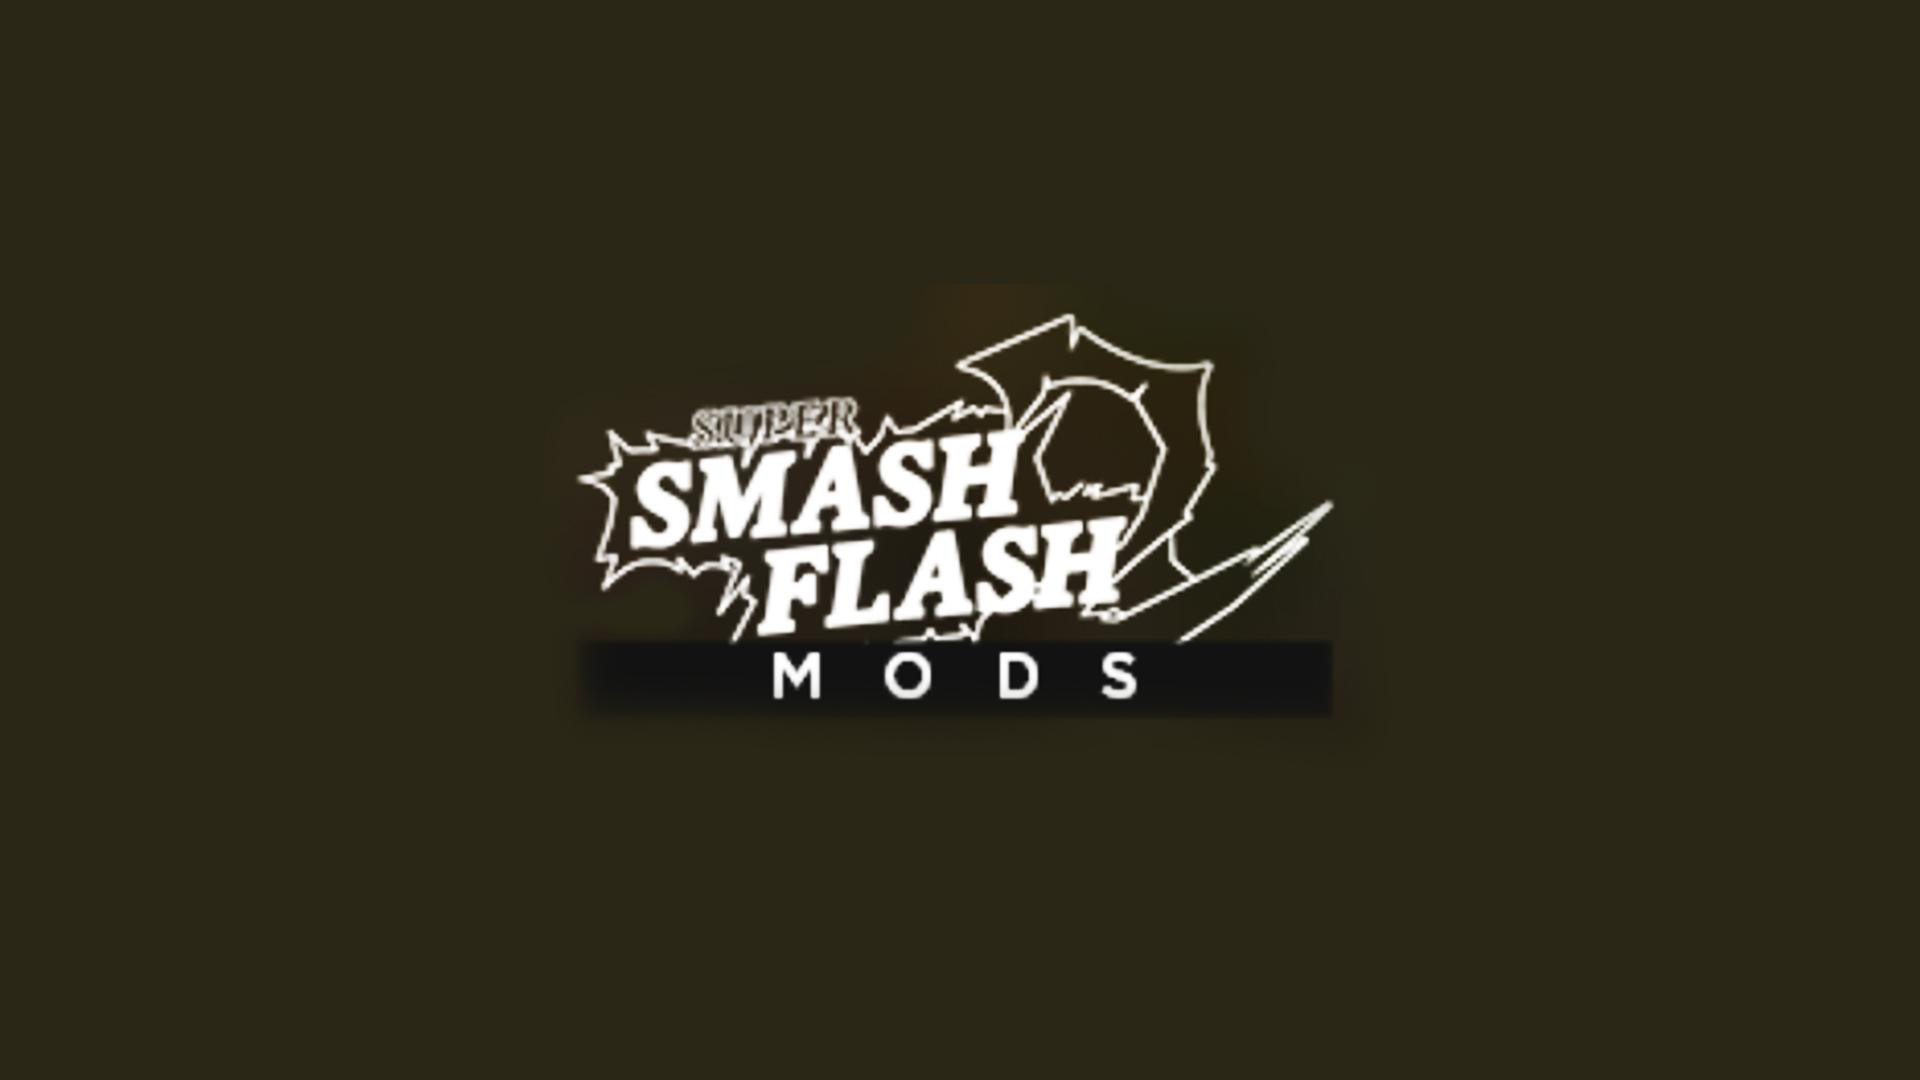 VGM-Smash-Flash-Mods-logo